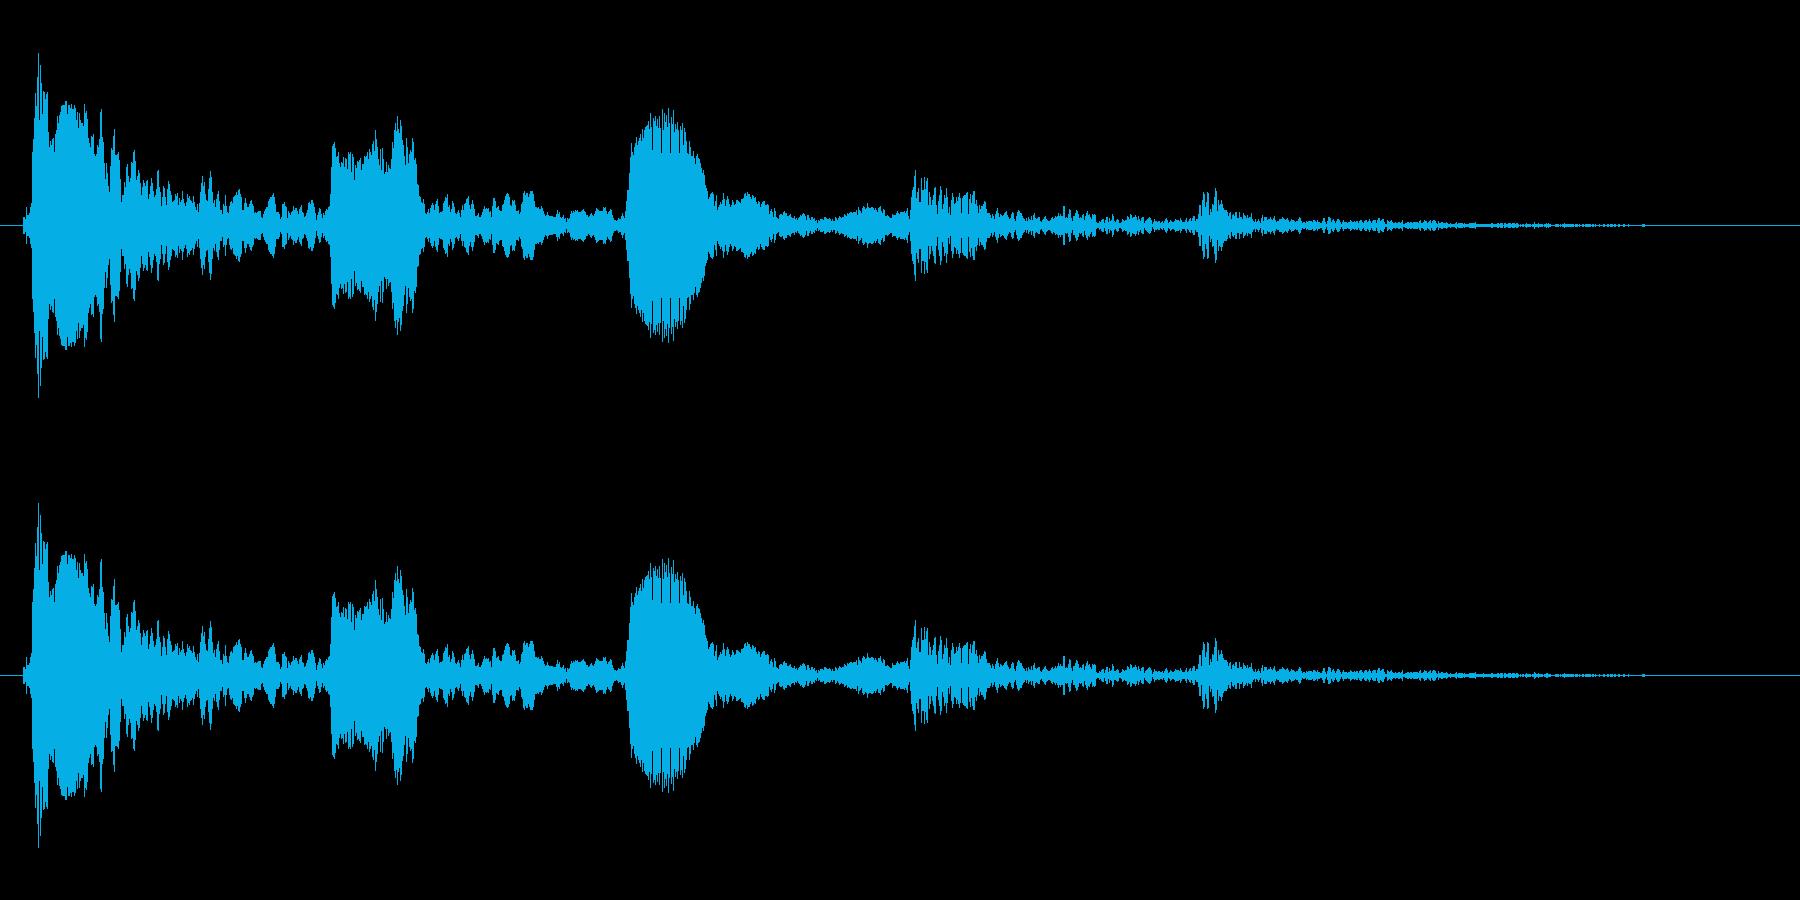 いっひっひっひっひ(響)【悪い魔女】の再生済みの波形